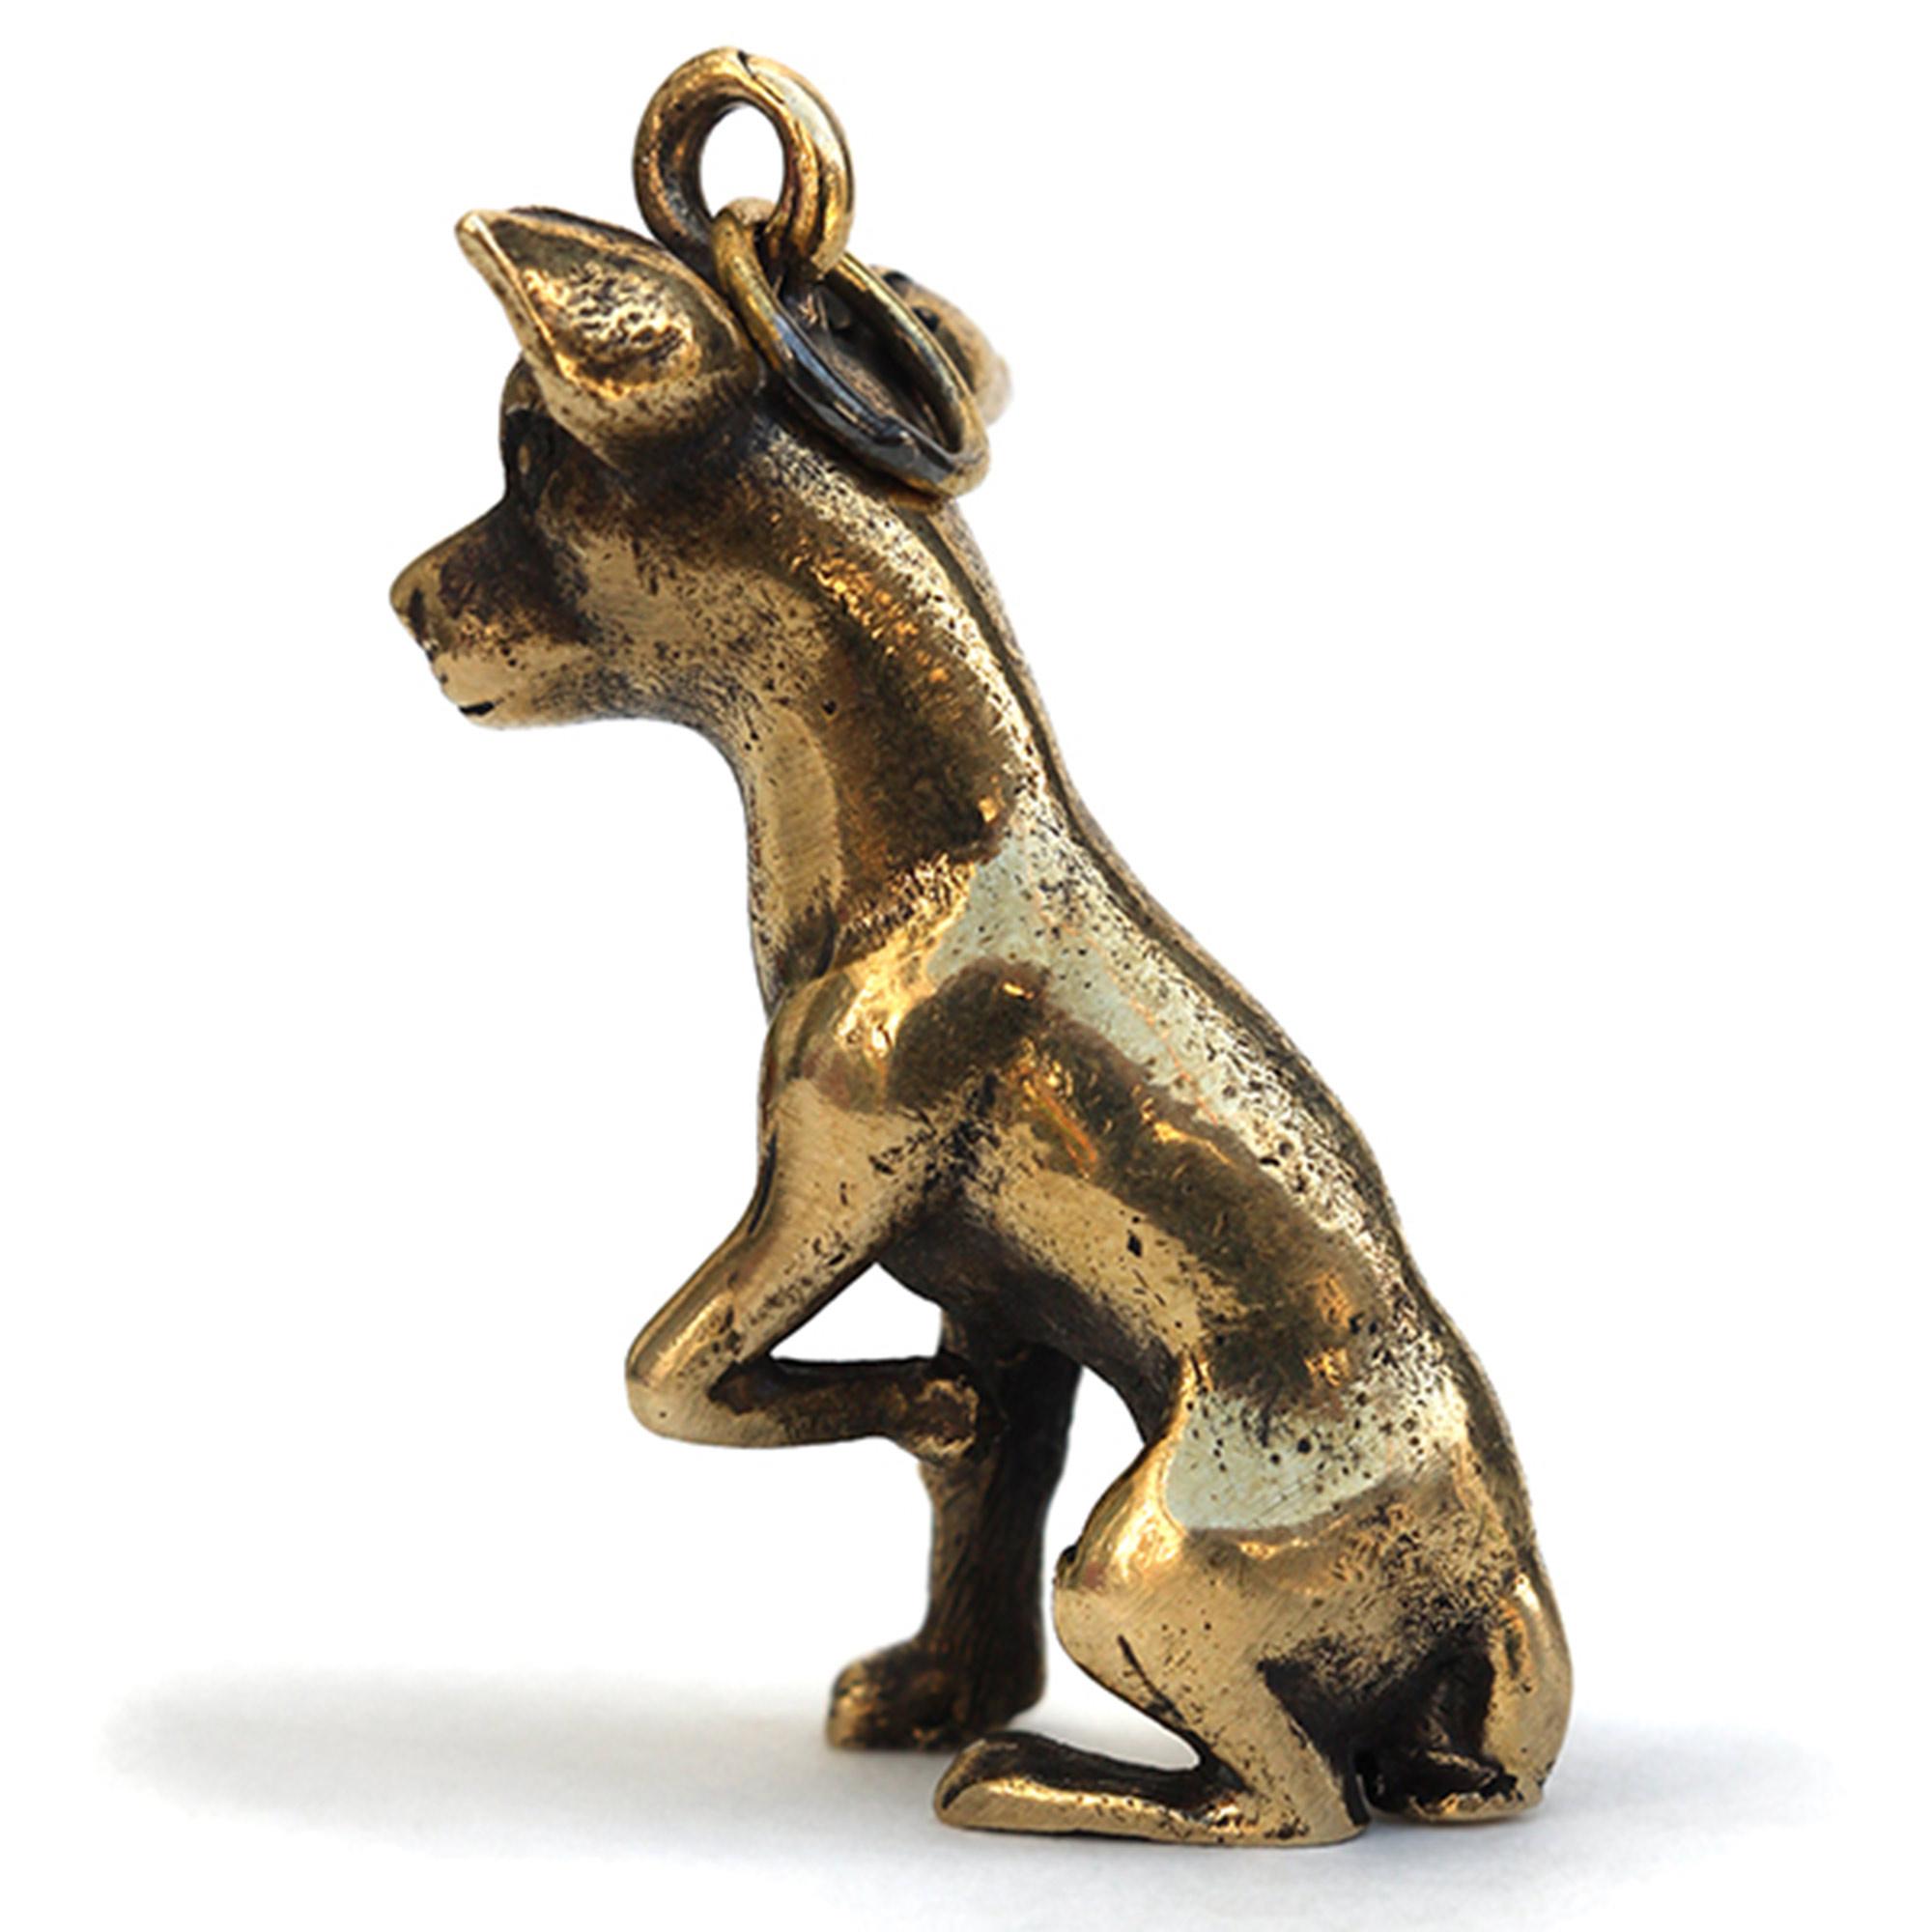 русский той бронзовый брелок собака той-терьер купить в симферополе в крыму подарок из крыма